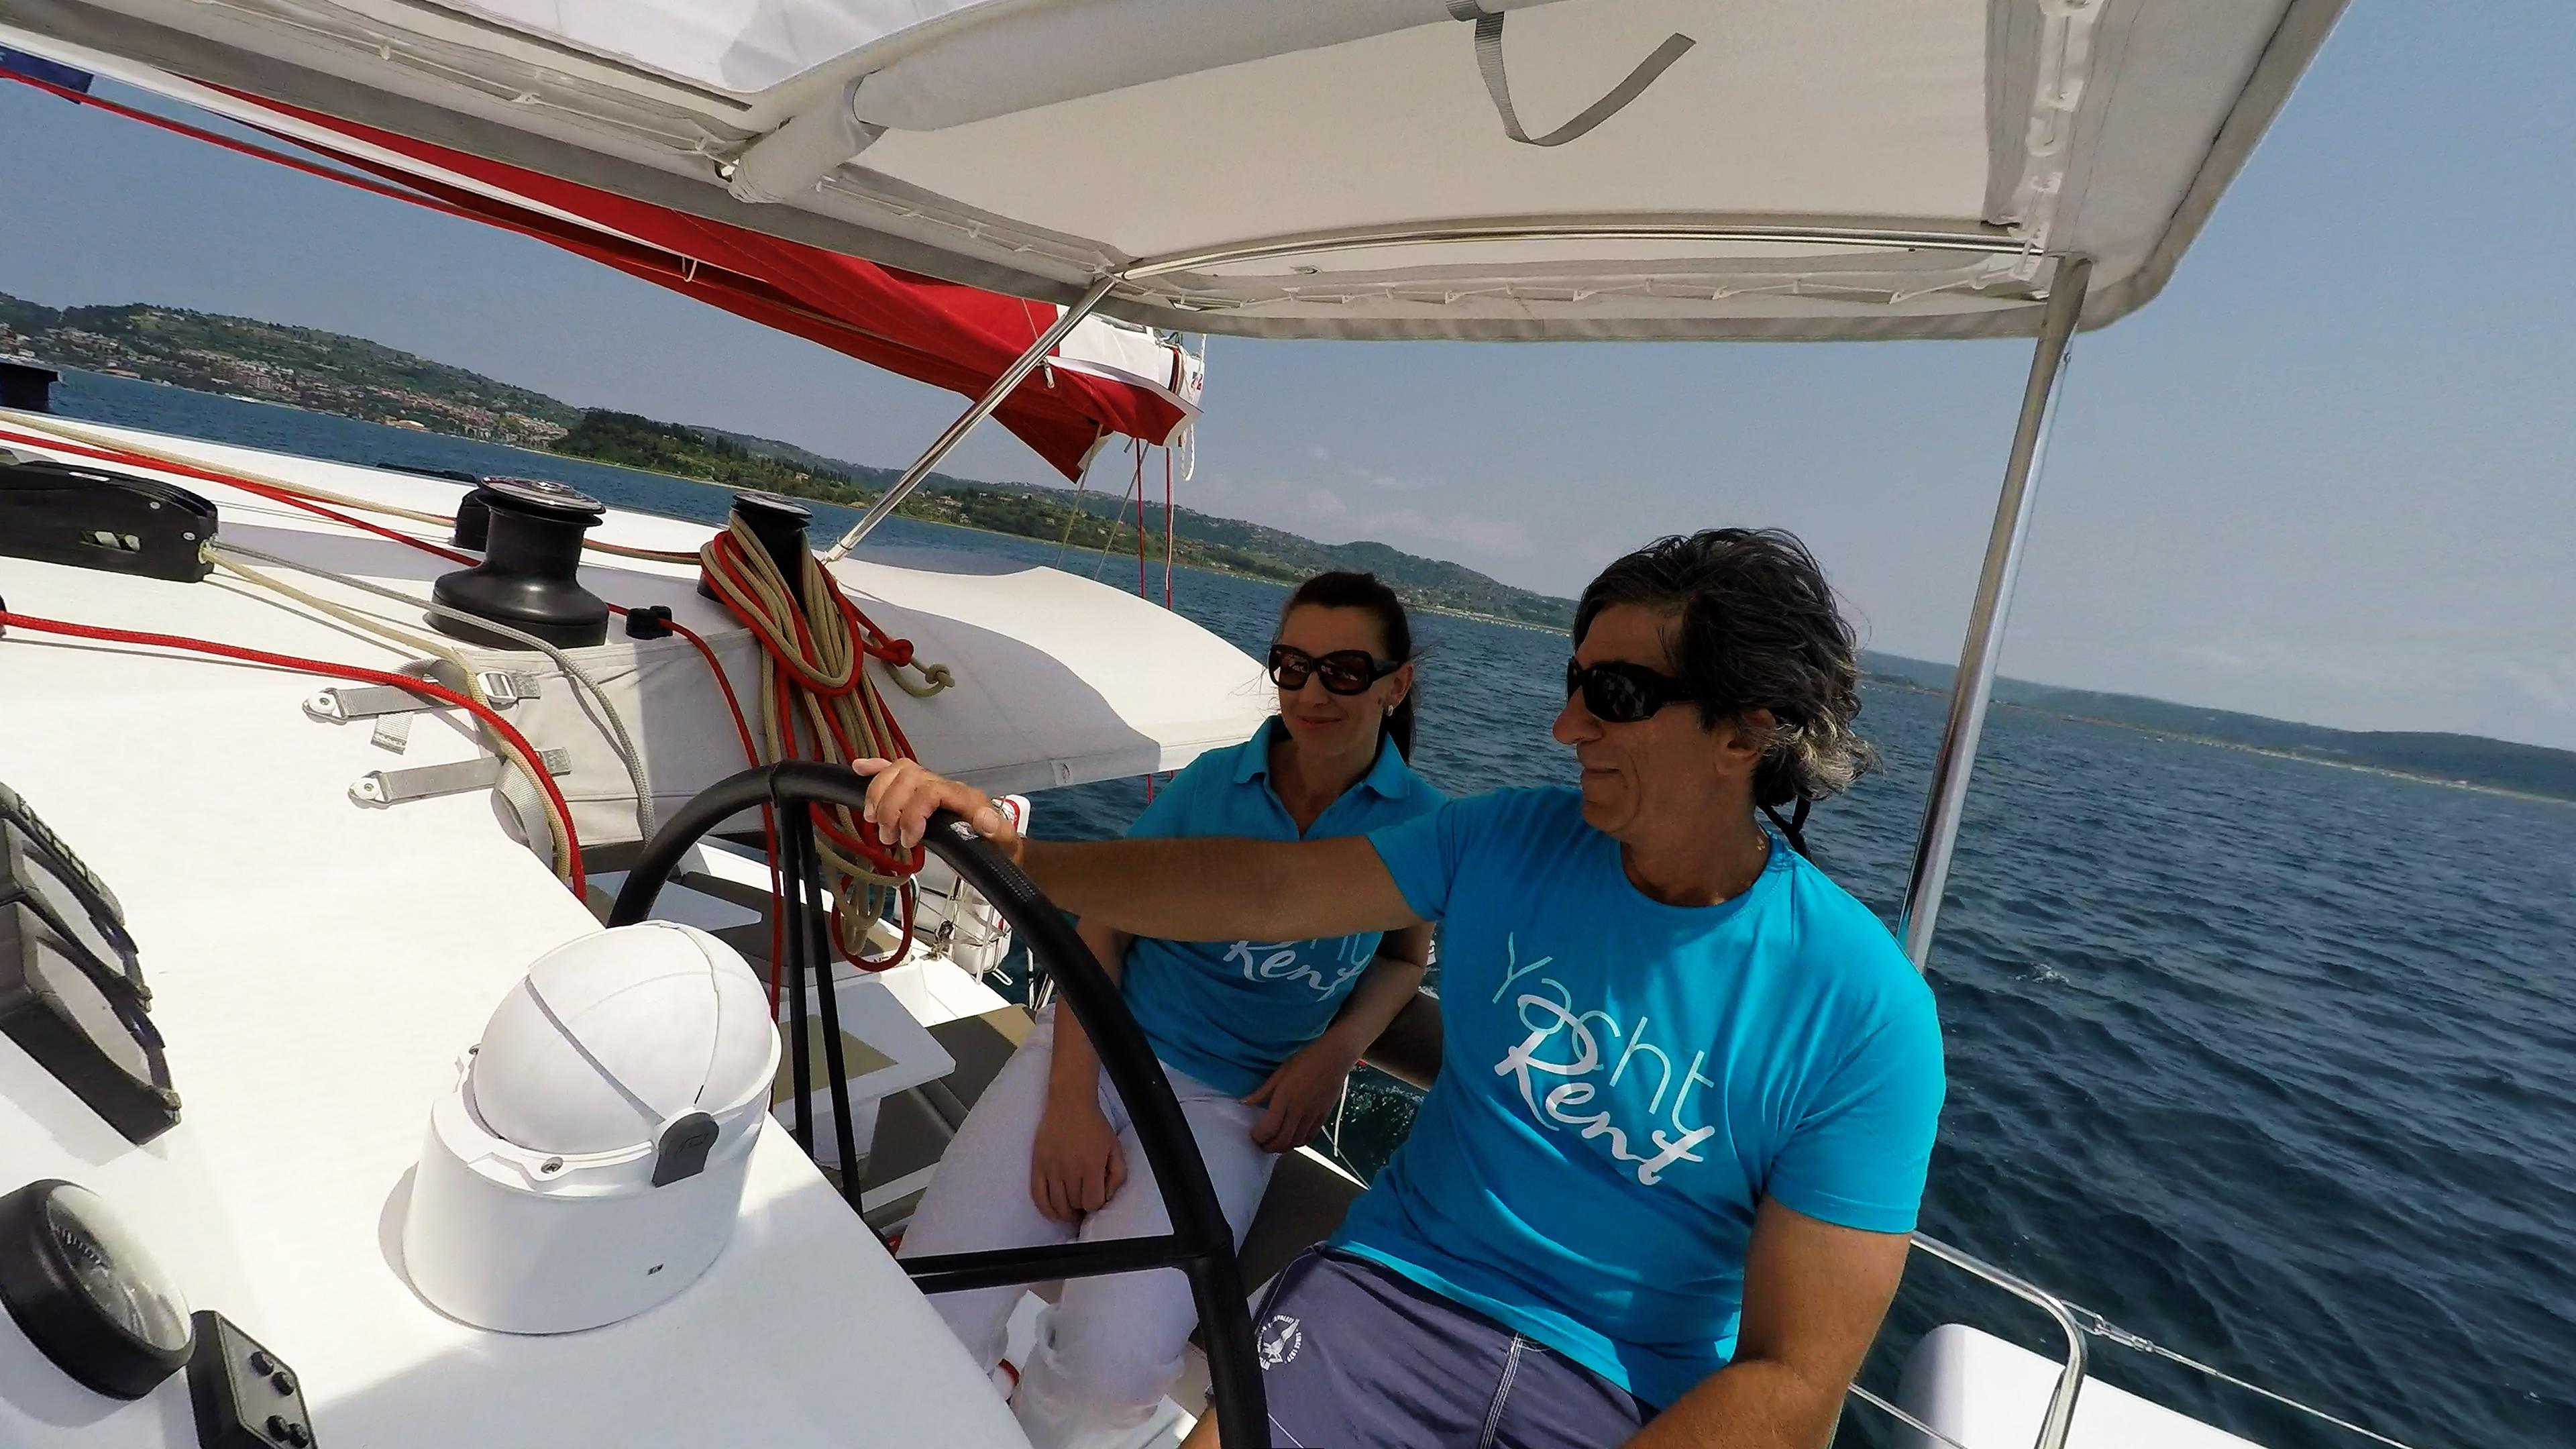 skipper e ragazza behind ruota del timone di trimarano  neel 45 yacht 2